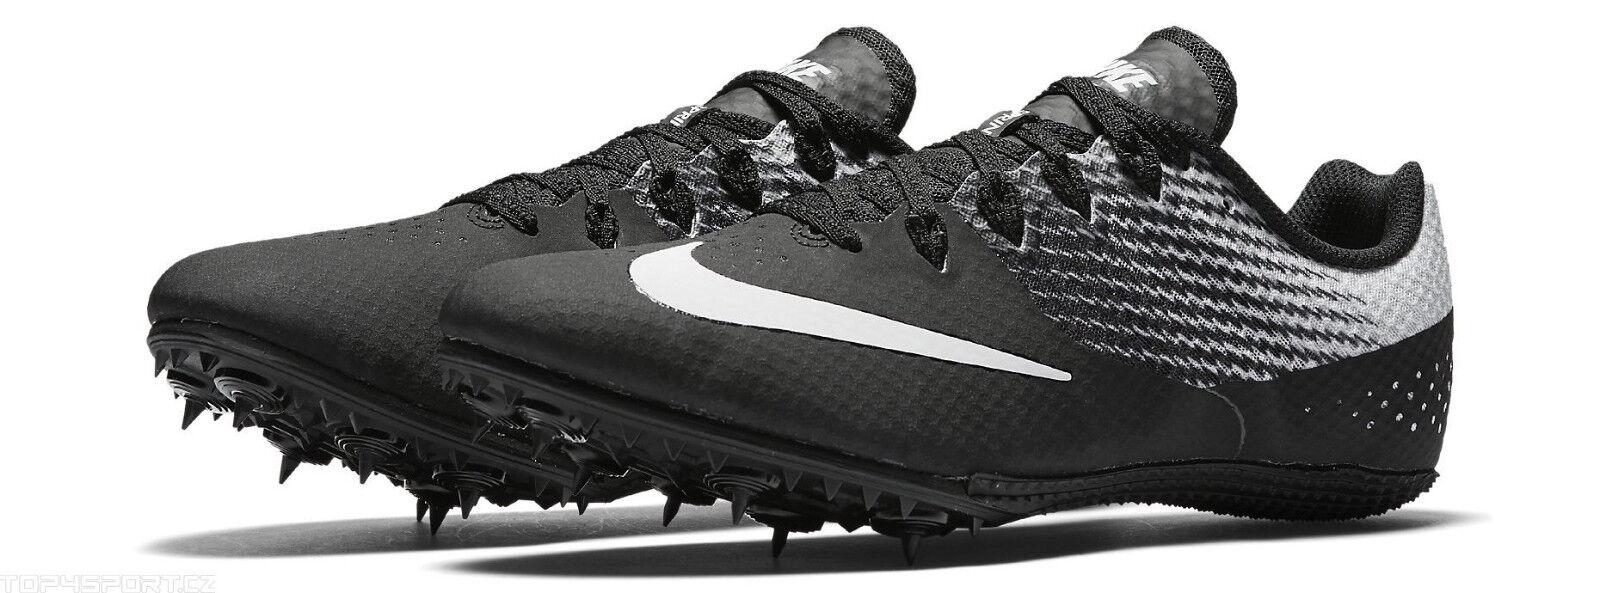 Nike zoom rivale s8 uomini su pista sprint spuntoni stile stile stile 806554-011 msrp | Acquisti online  | Gentiluomo/Signora Scarpa  a1b184